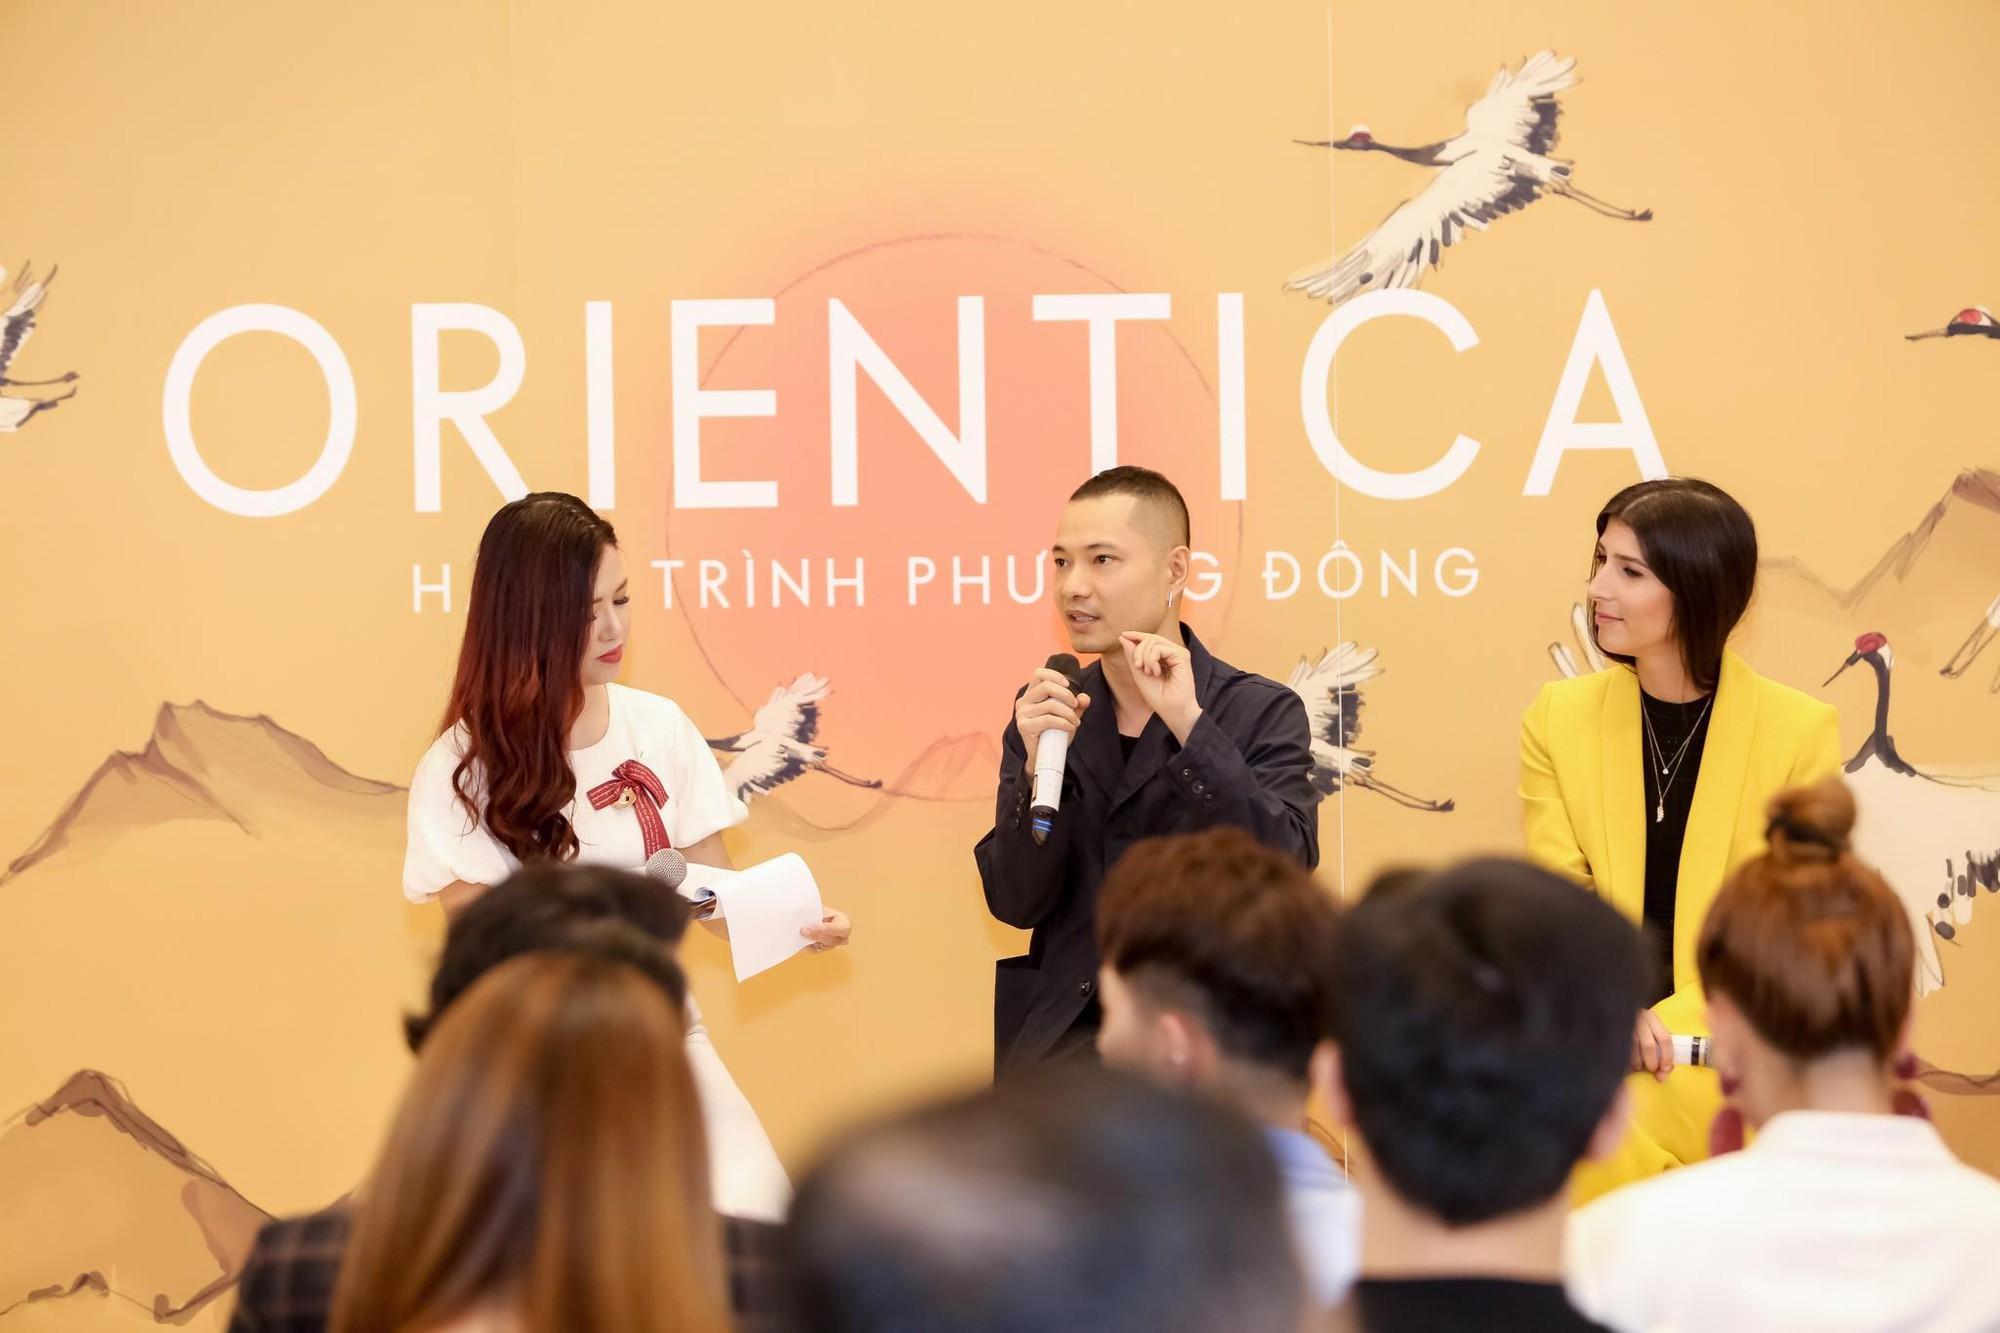 Bất ngờ dàn line-up tham dự sự kiện ra mắt nước hoa Orientica: Liên Bỉnh Phát xuất hiện nam tính, Kelbin Lei khoe thần thái đỉnh cao - Ảnh 3.